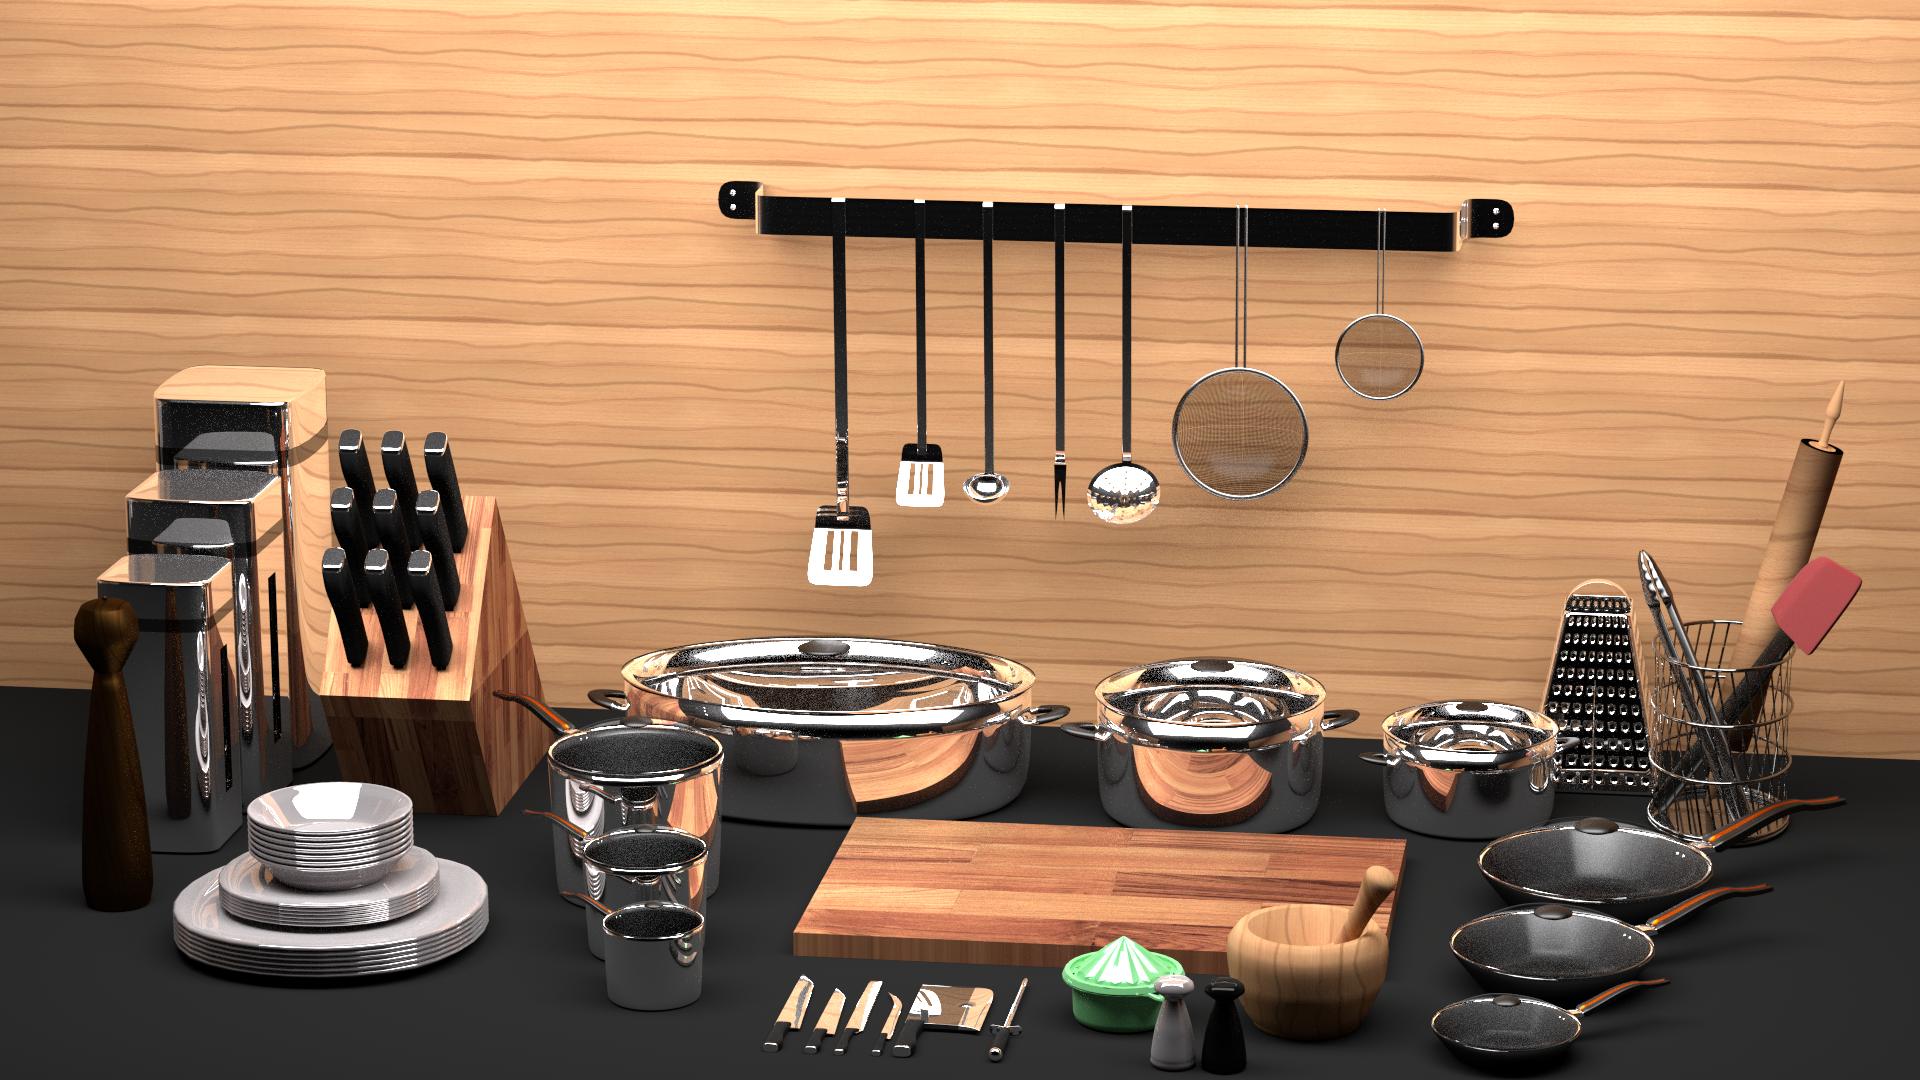 42 piece kitchen set by vesperdesign 3docean for All kitchen set